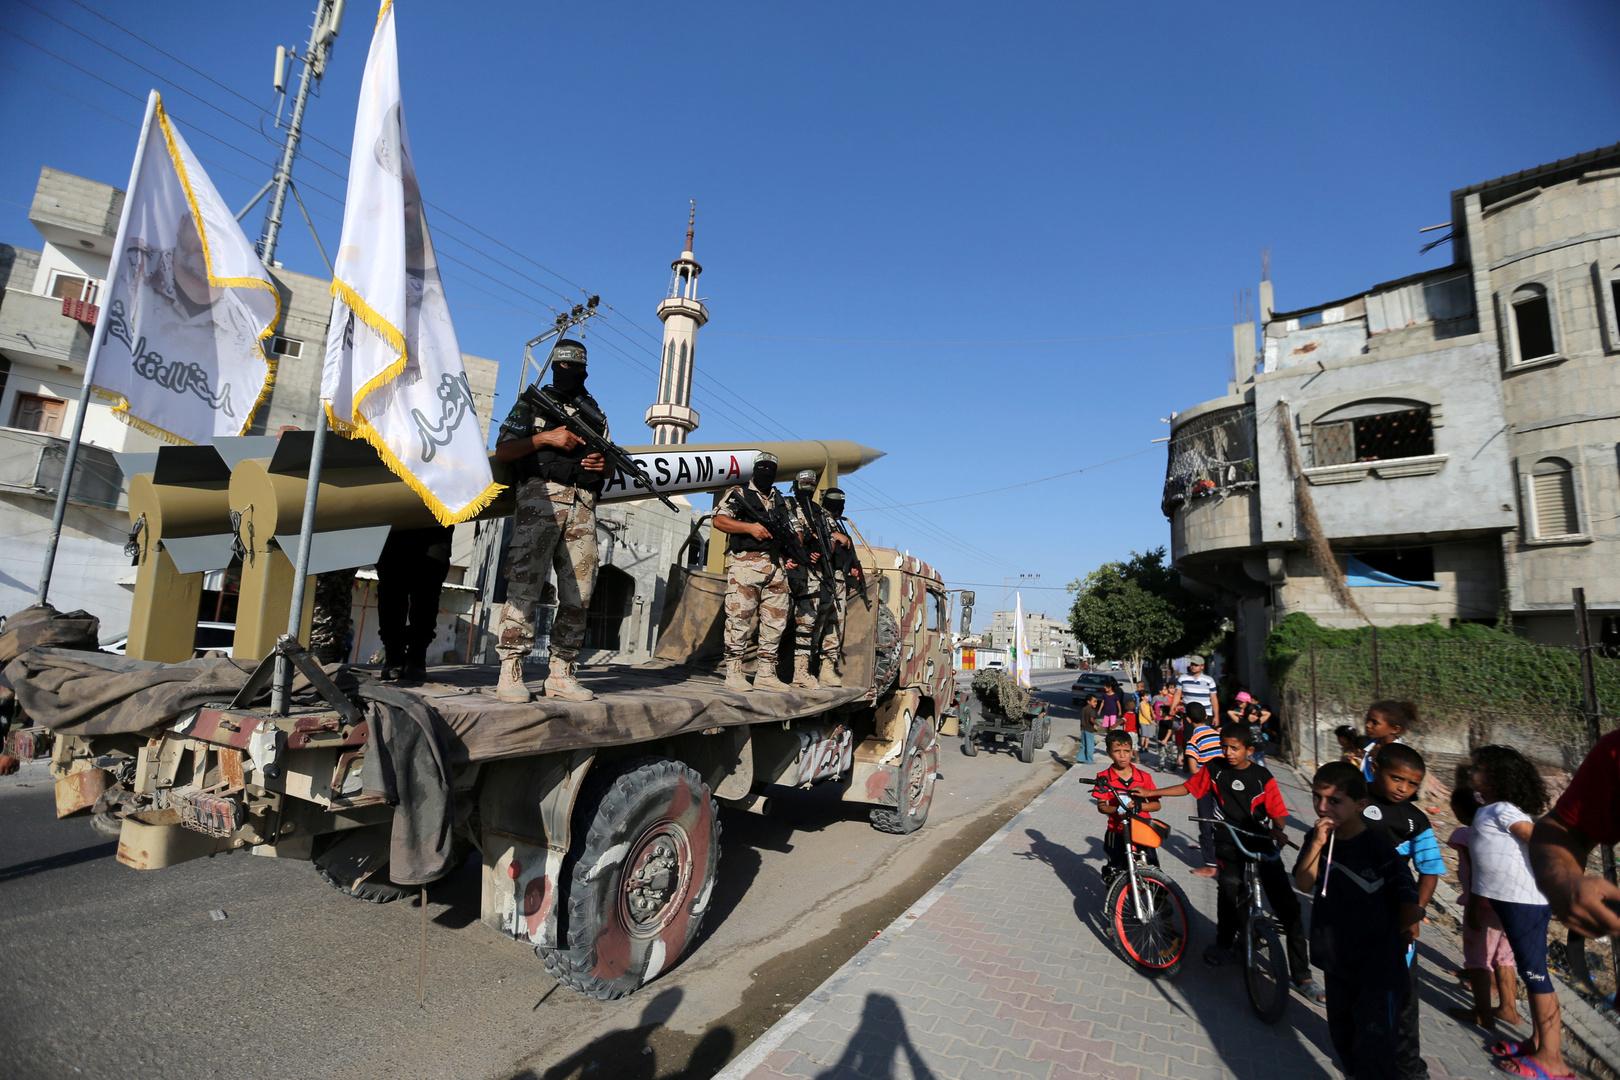 """عناصر من """"كتائب القسام"""" يعرضون صواريخ محلية الصنع خلال عرض عسكري"""